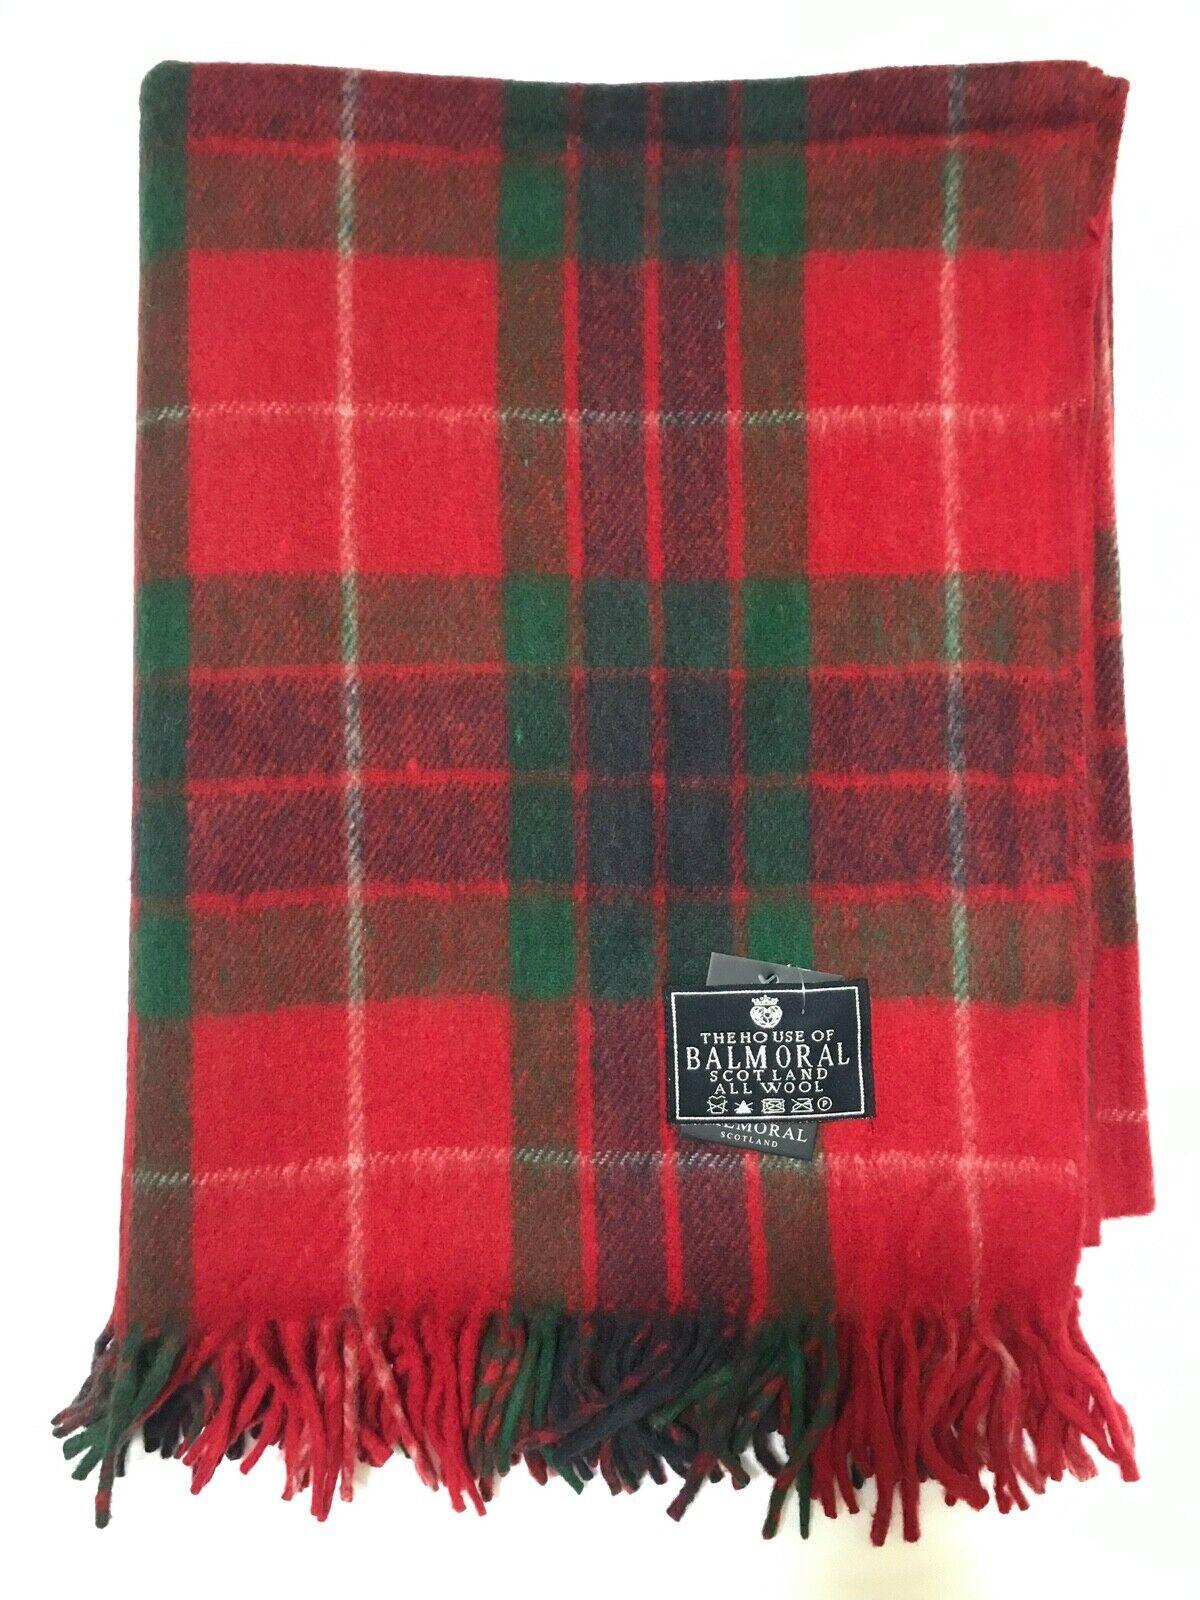 House Of Balmoral Grün Rot Fraser Teppich Wolldecke Schottland Schottenkaro Wurf